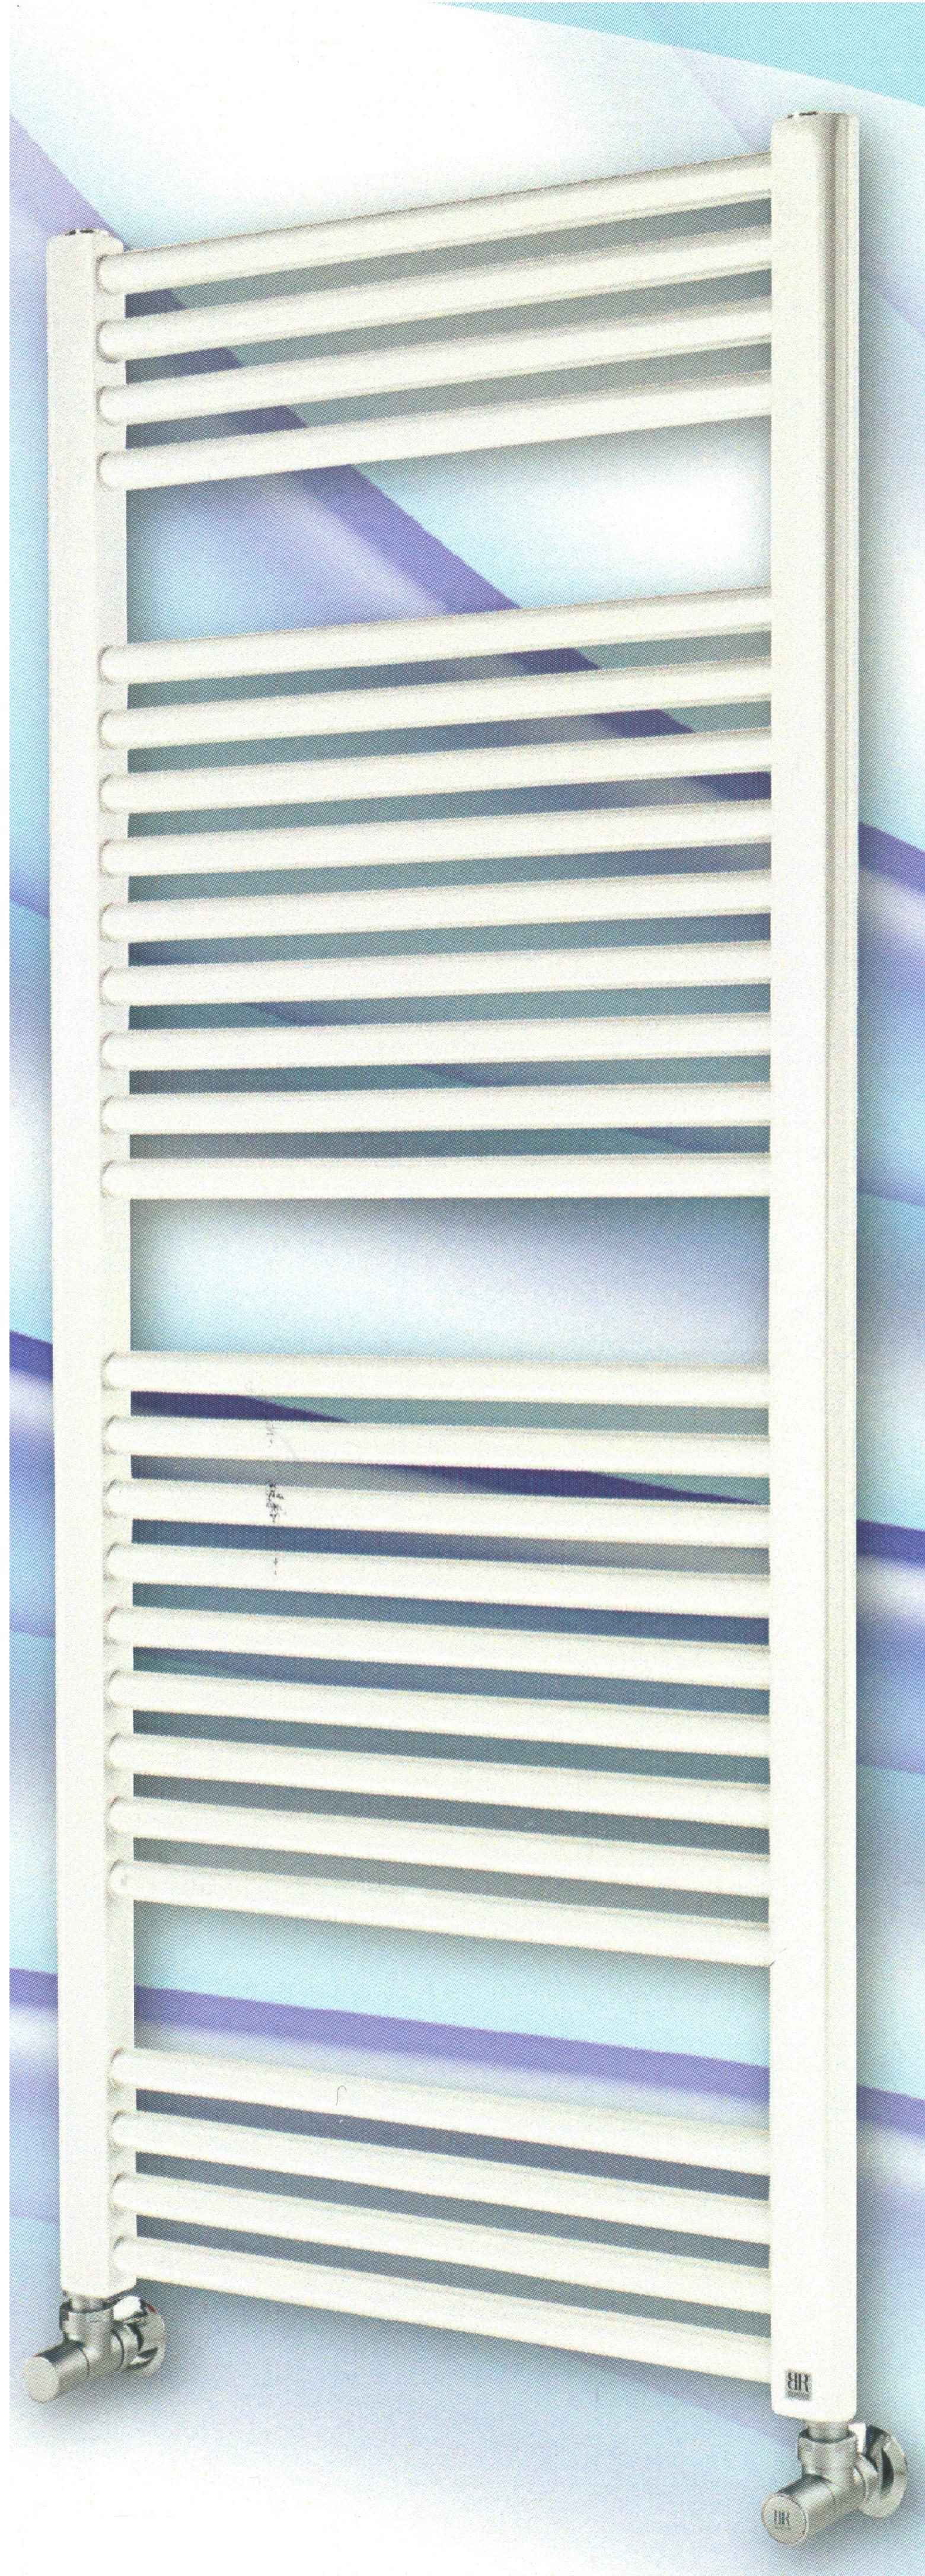 Radiatore scaldasalviette bianco 450x1750